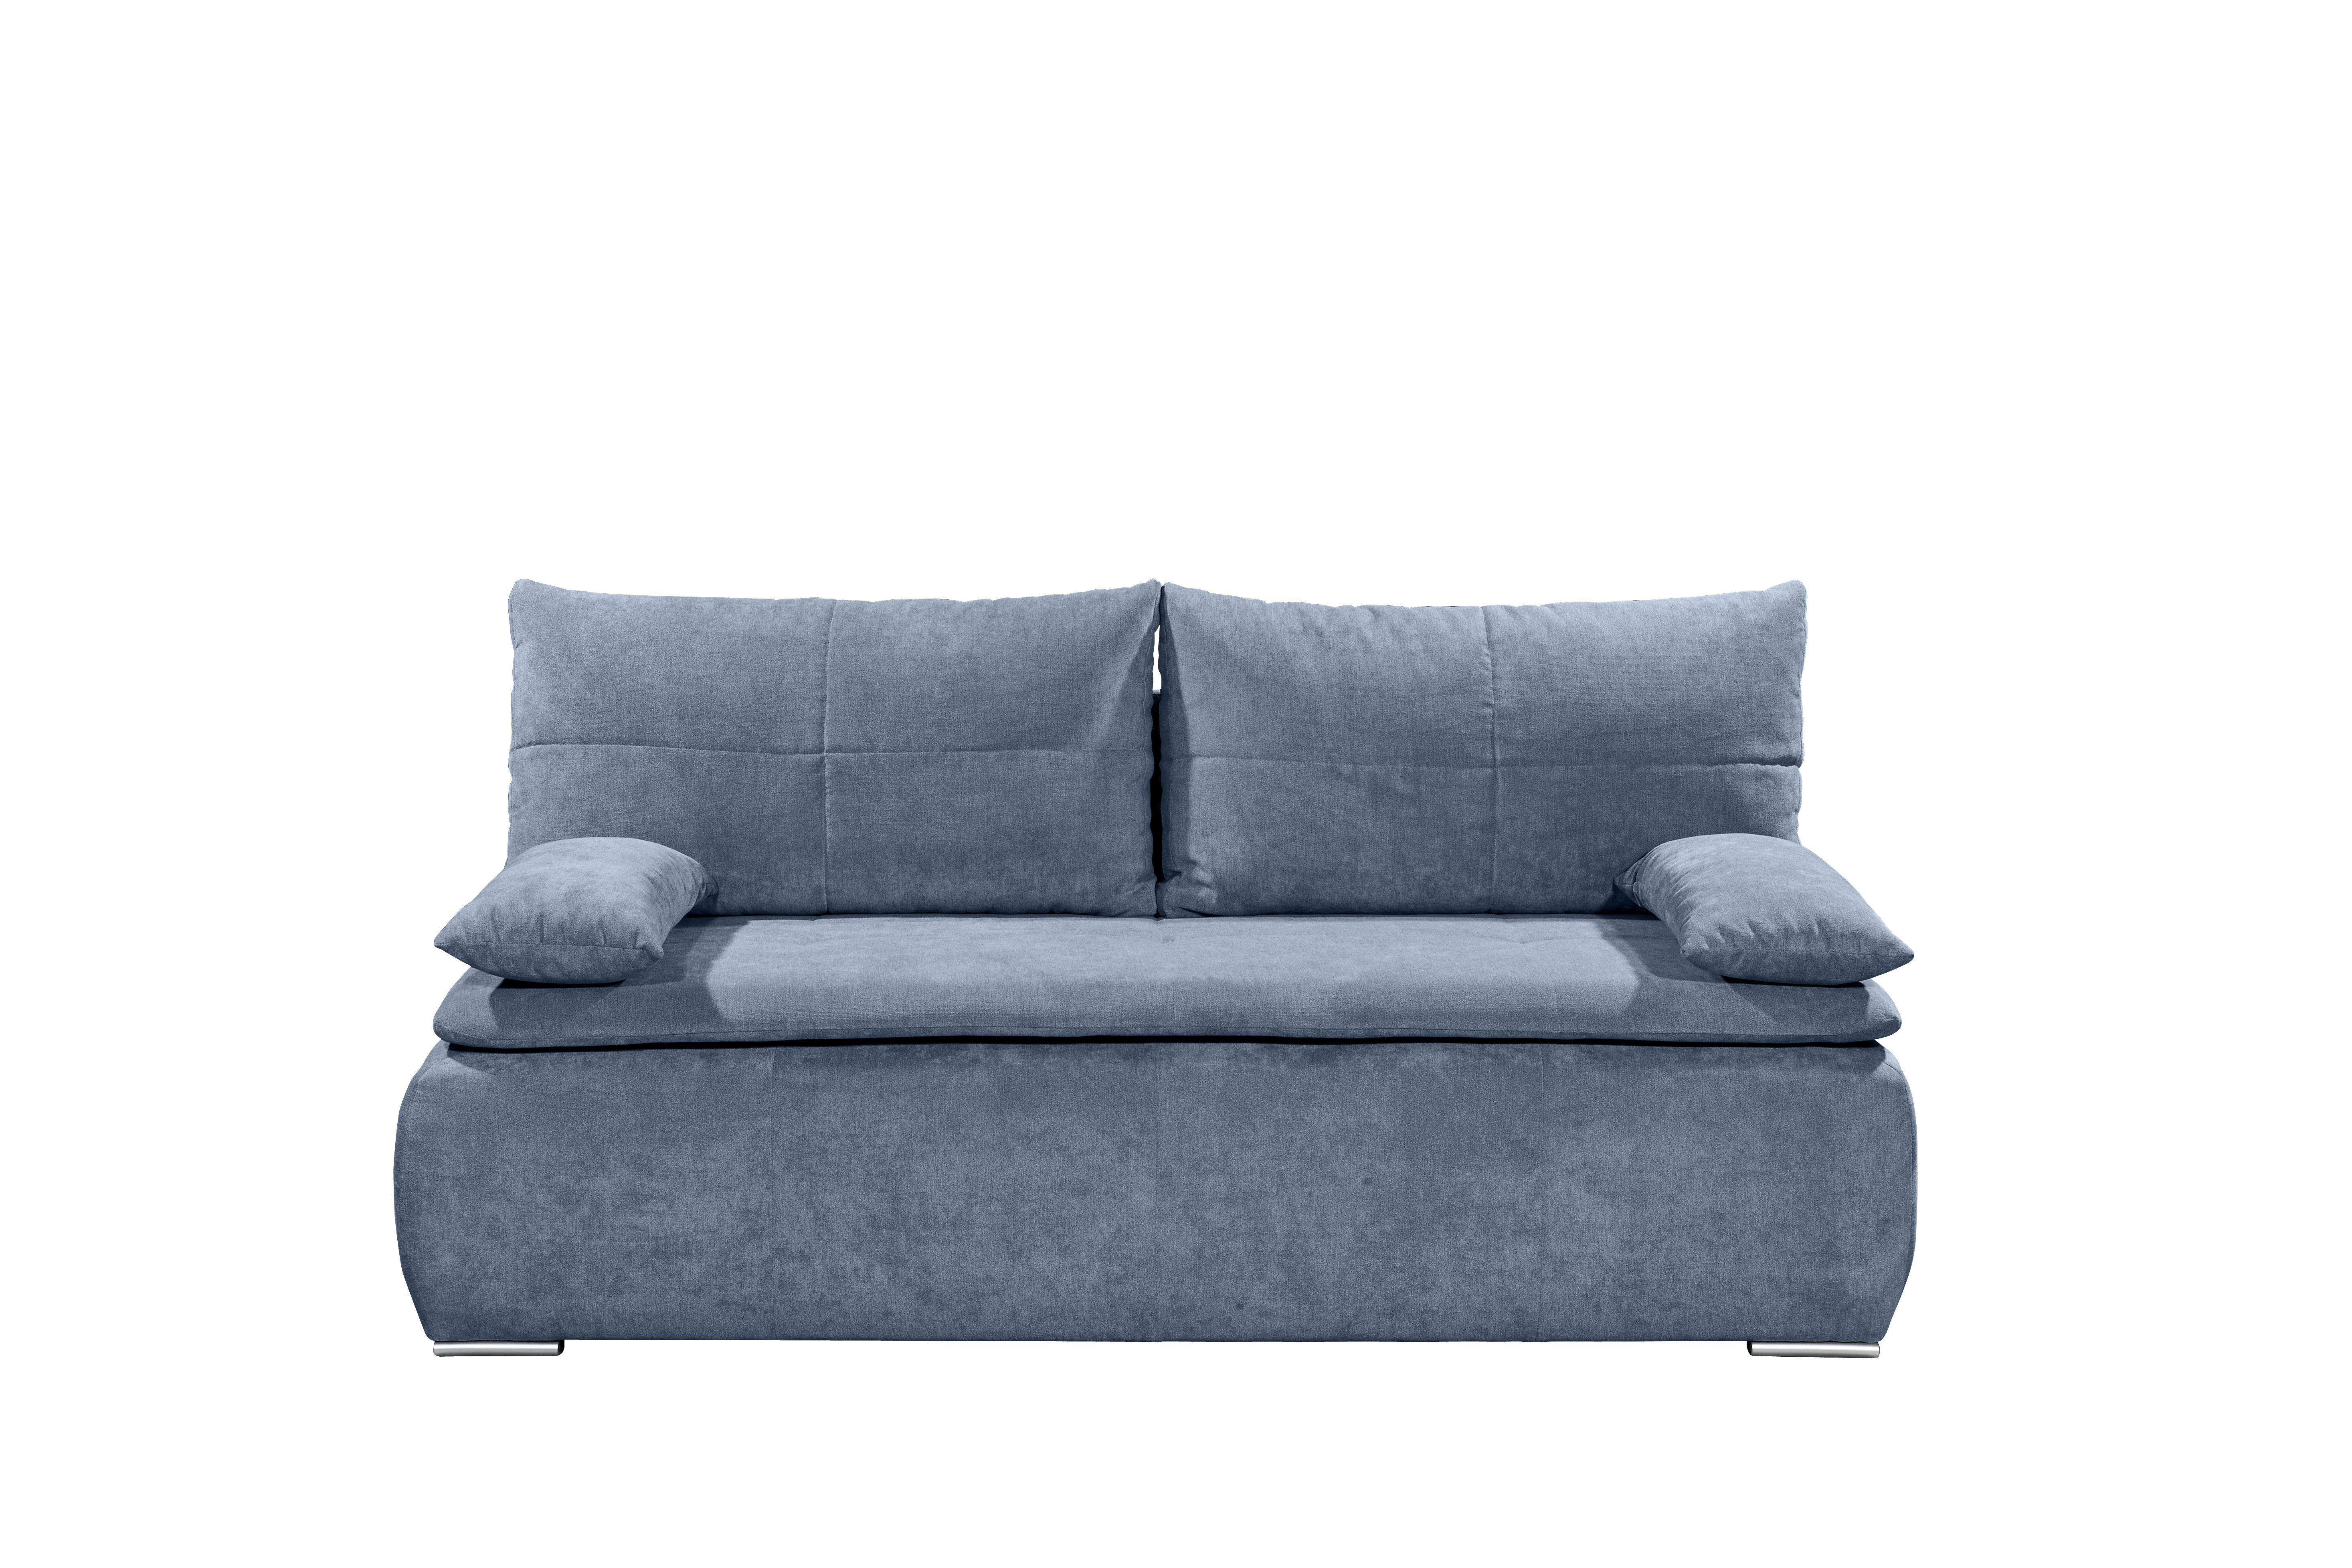 Details Zu Couch Jana Zweisitzer Sofa Schlafcouch Schlafsofa Ausziehbar Denim Blau 208 Cm